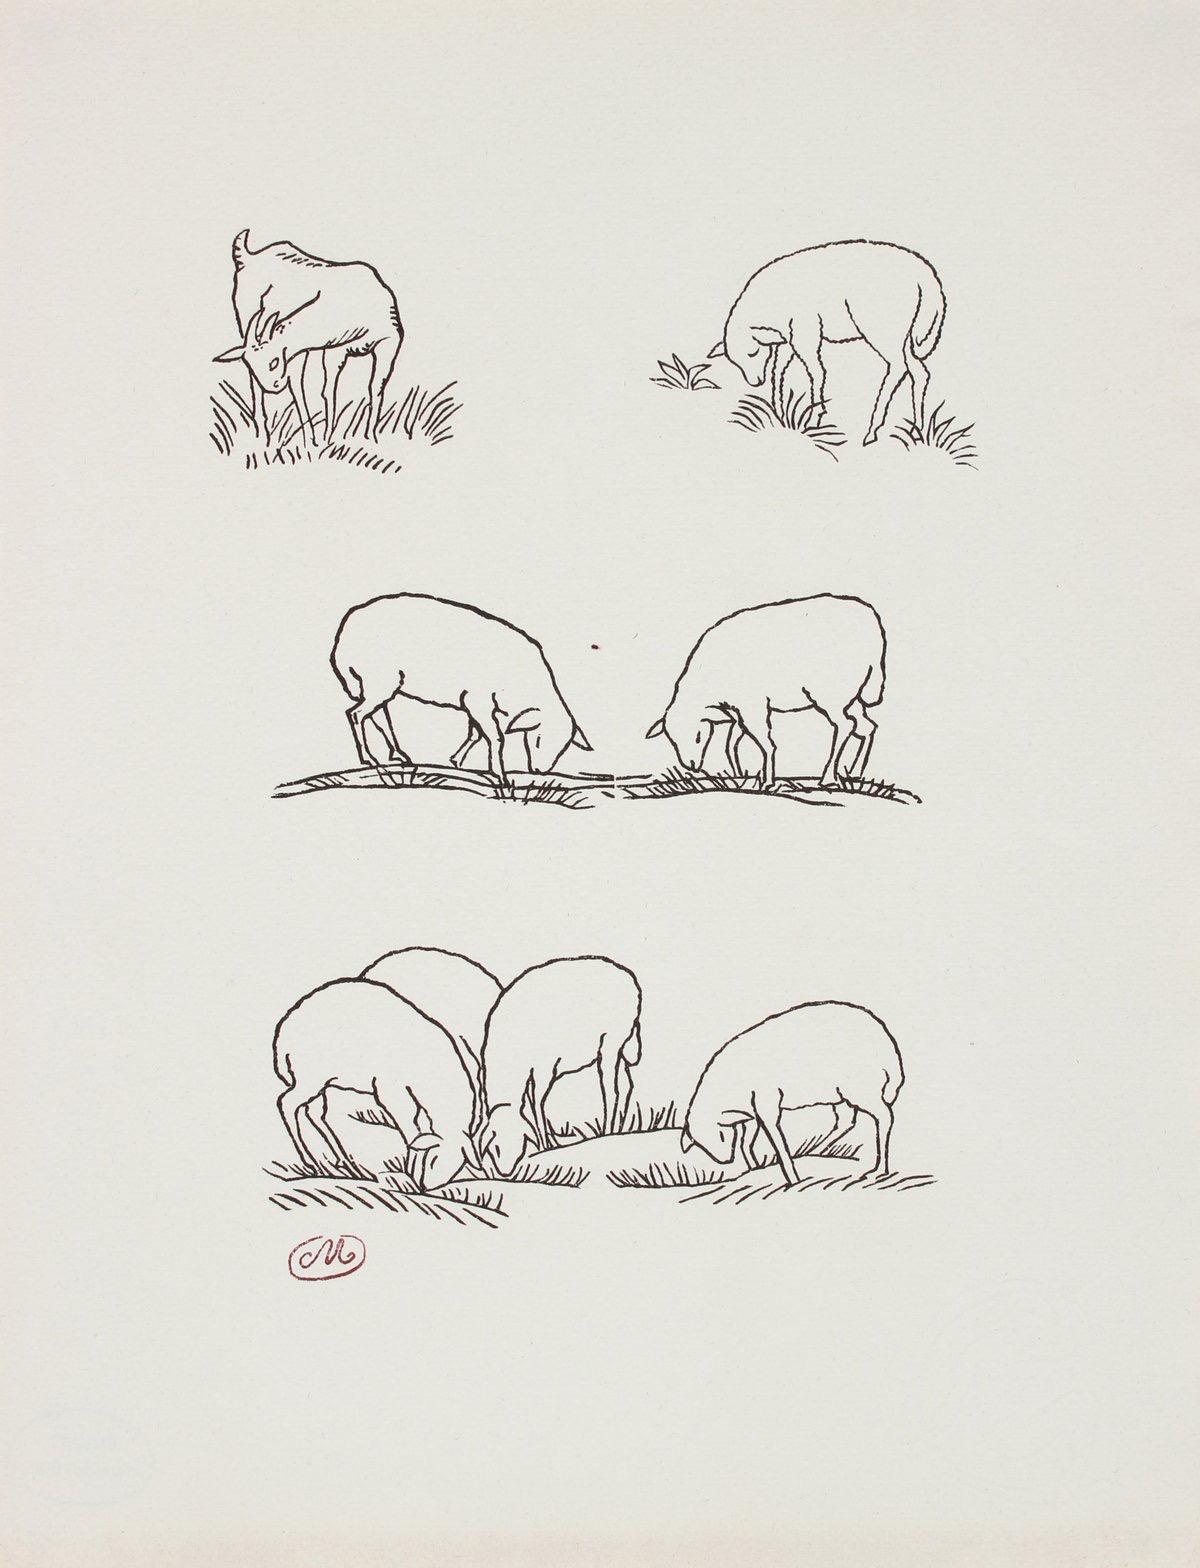 Les Géorgiques de Virgile (The Georgics of Virgil) Series 1937-44 Wood Engraving